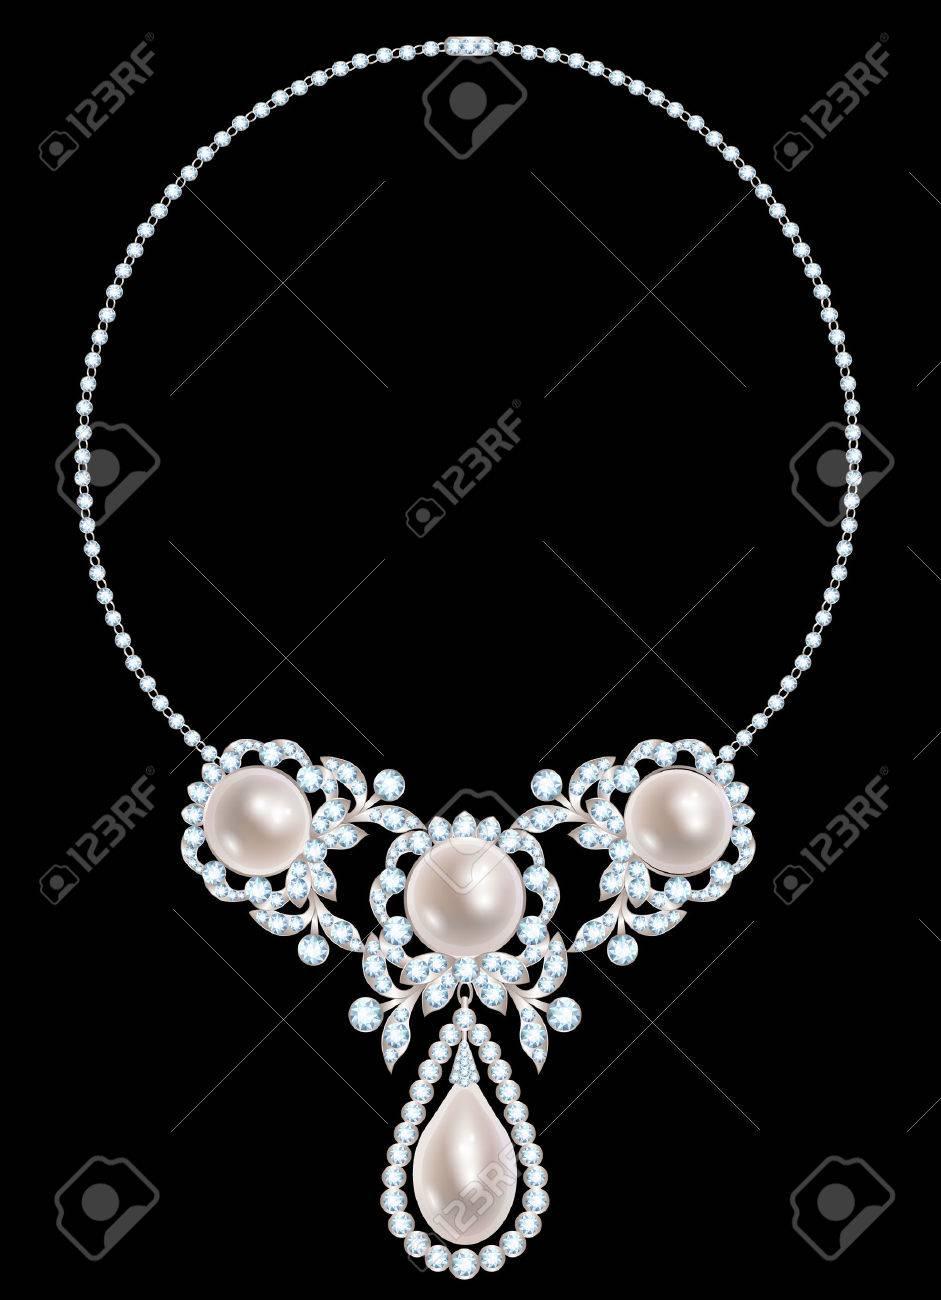 e09bbc721978 Collar de la joyería con perlas y diamantes sobre fondo negro Foto de  archivo - 44505141